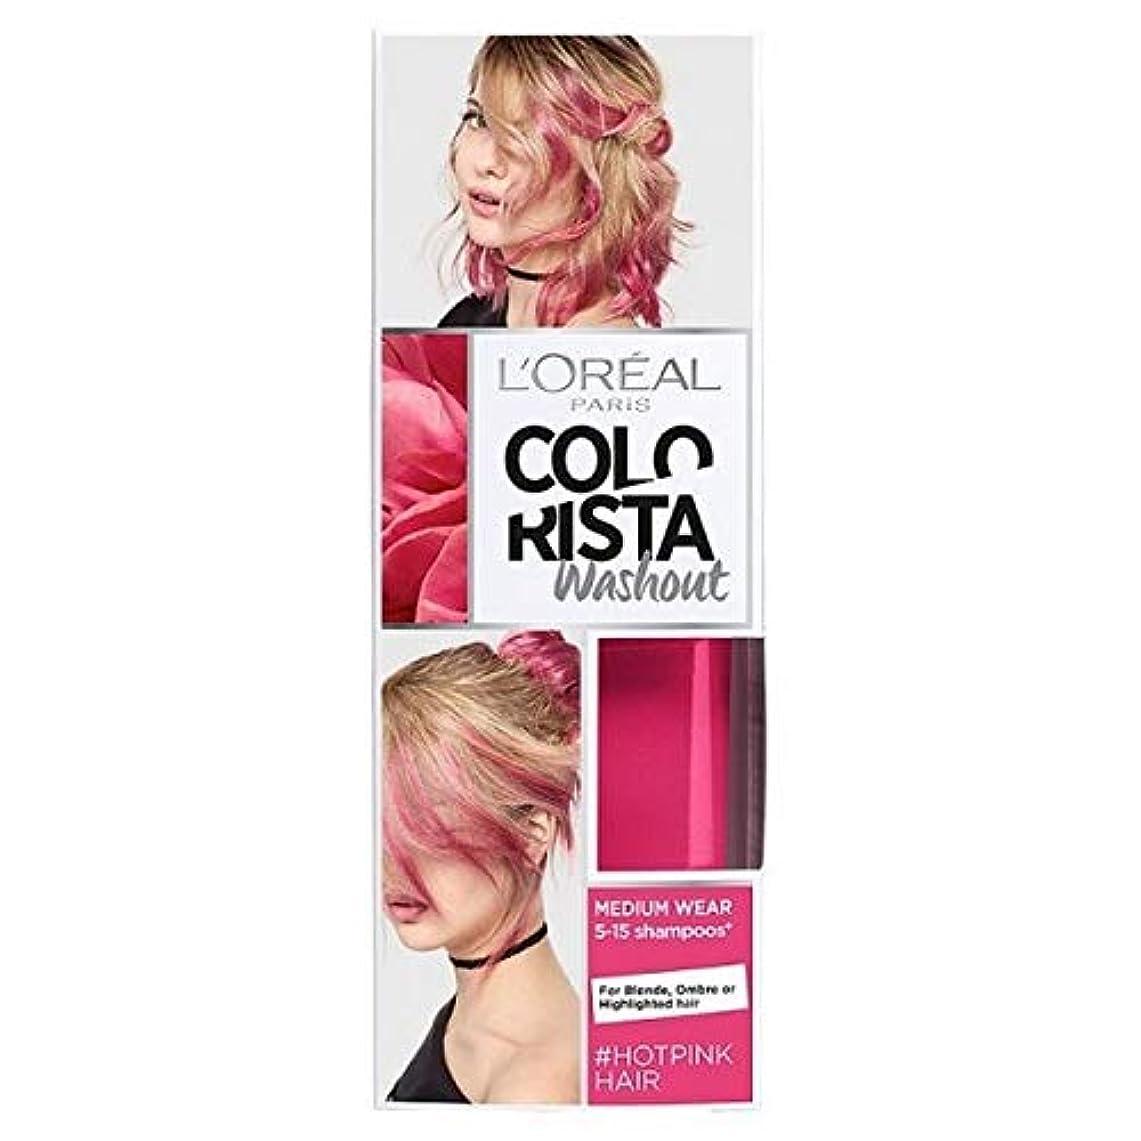 センサーブリードかもめ[Colorista] Coloristaウォッシュアウトホットピンクのネオン半永久染毛剤 - Colorista Washout Hot Pink Neon Semi-Permanent Hair Dye [並行輸入品]